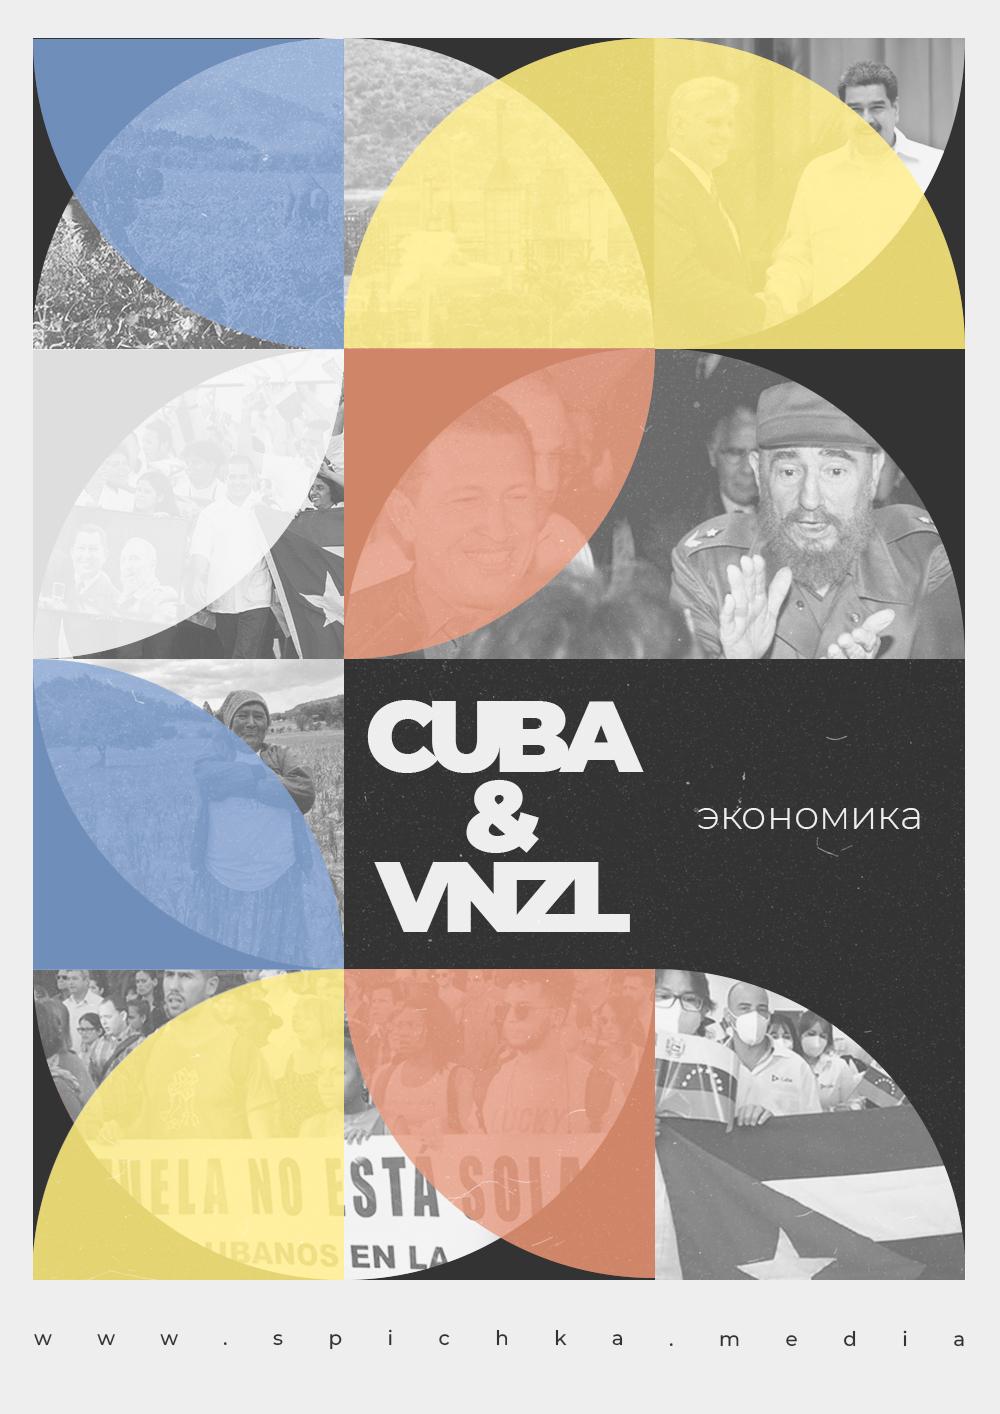 Кубино-венесуэльское экономическое сотрудничество